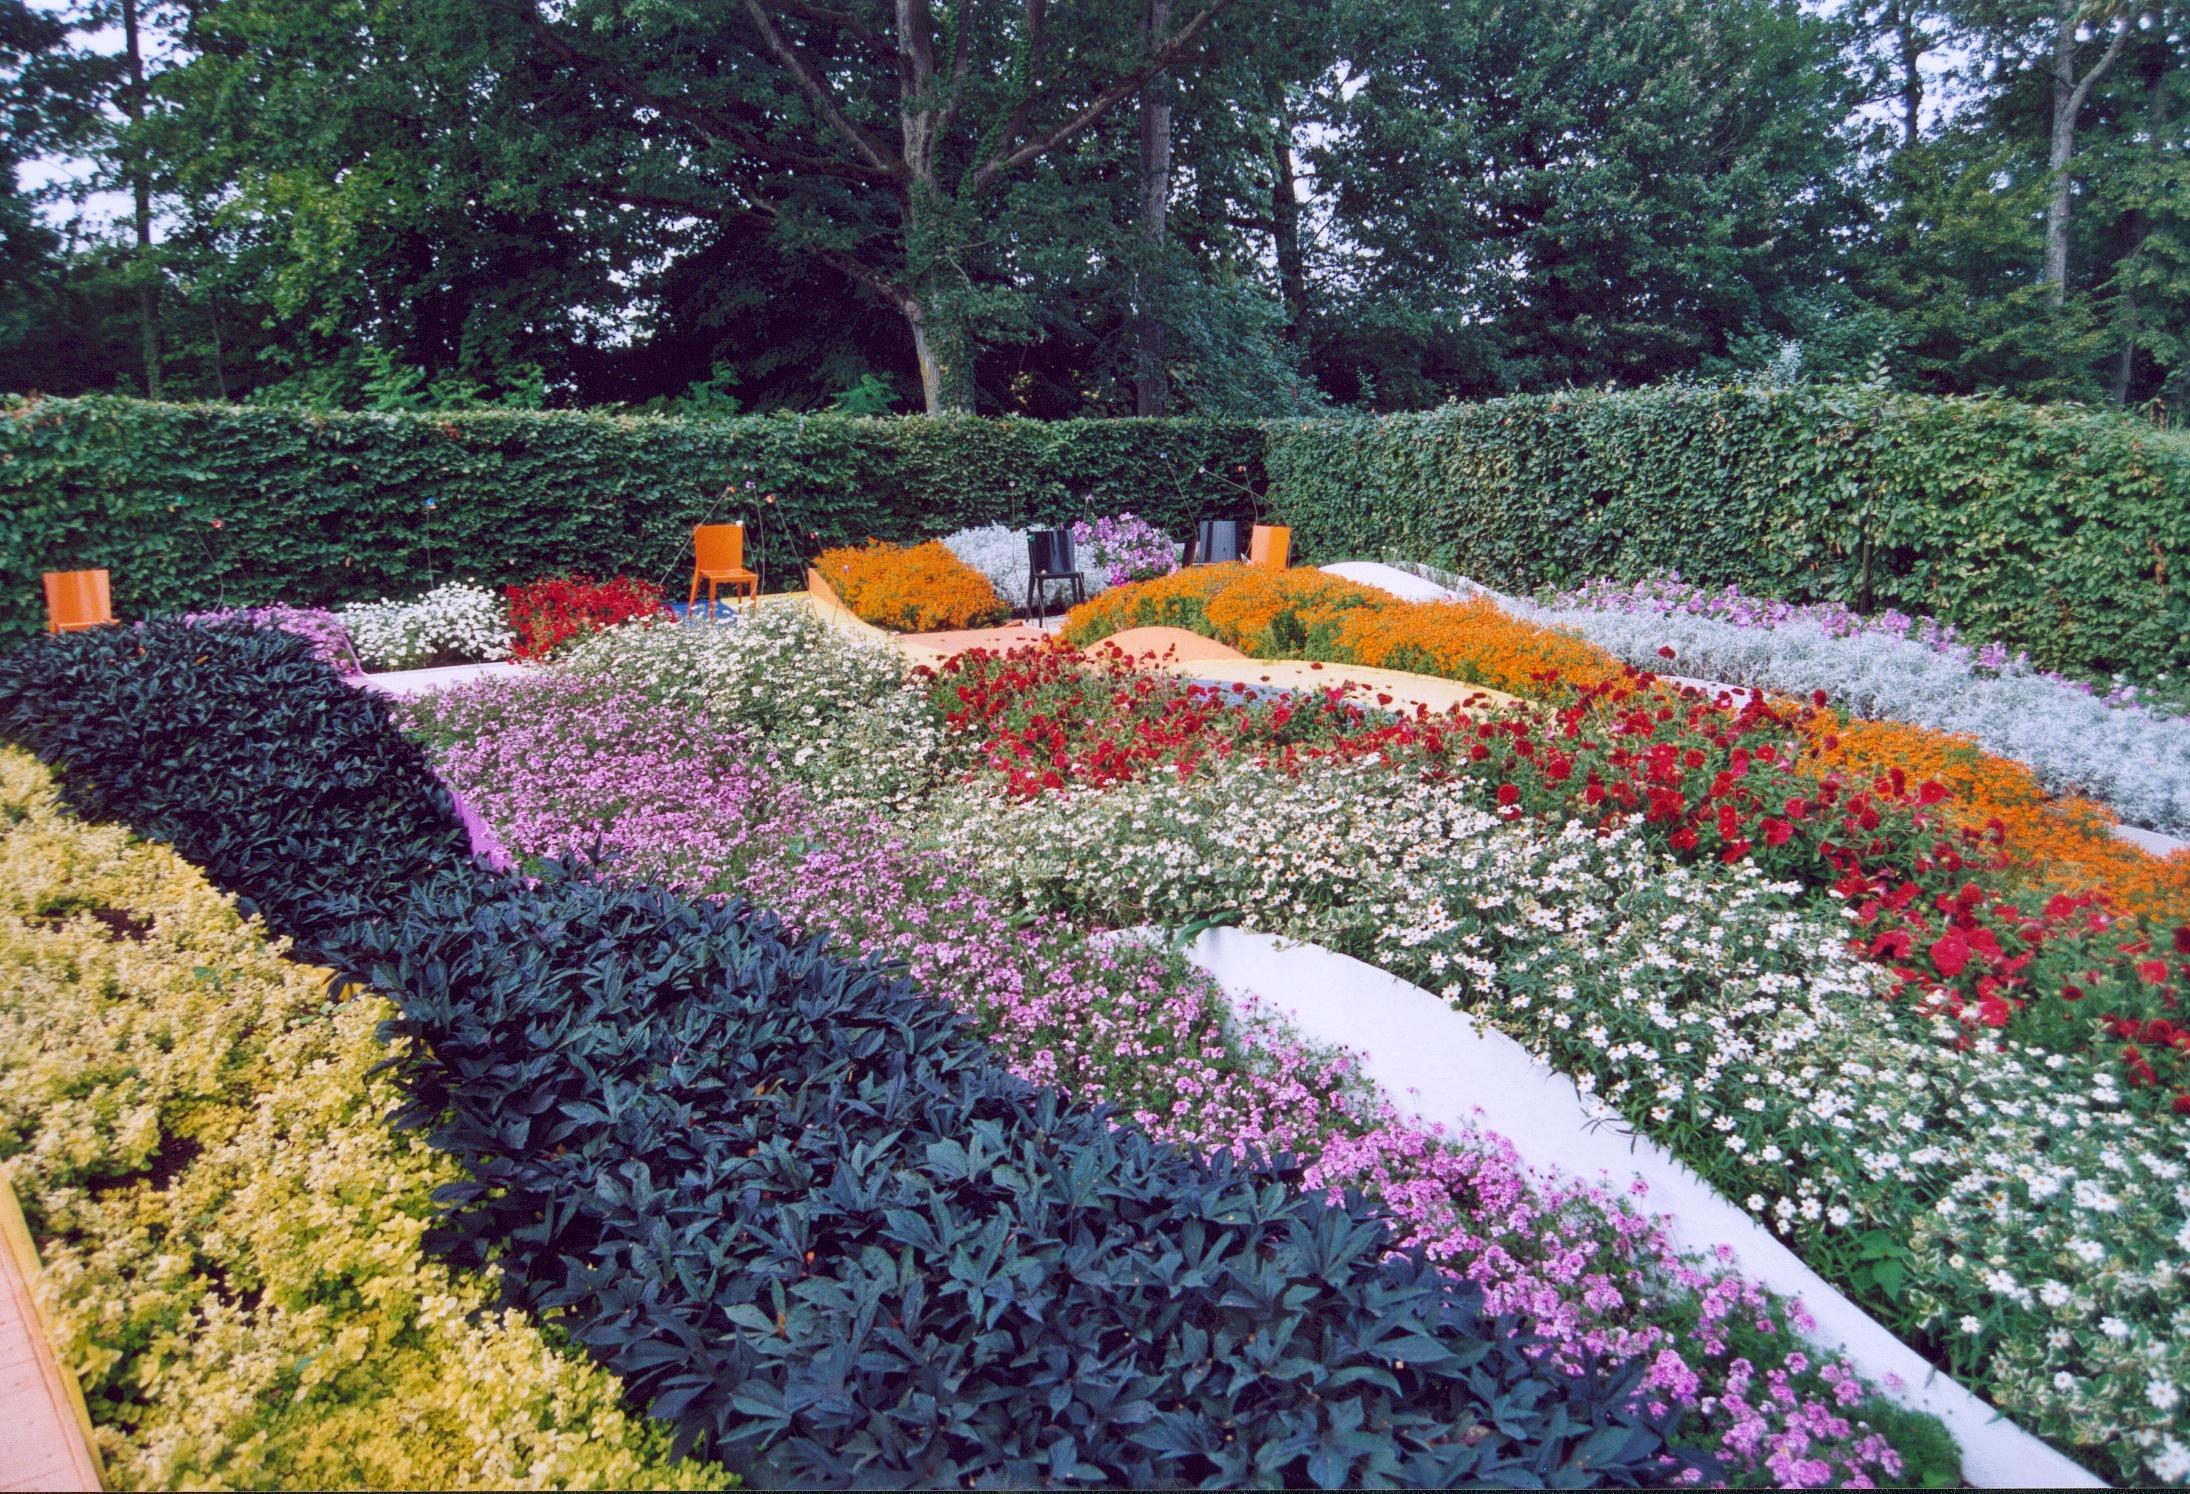 File france loir et cher festival jardins chaumont sur - Chaumont sur loire festival des jardins ...